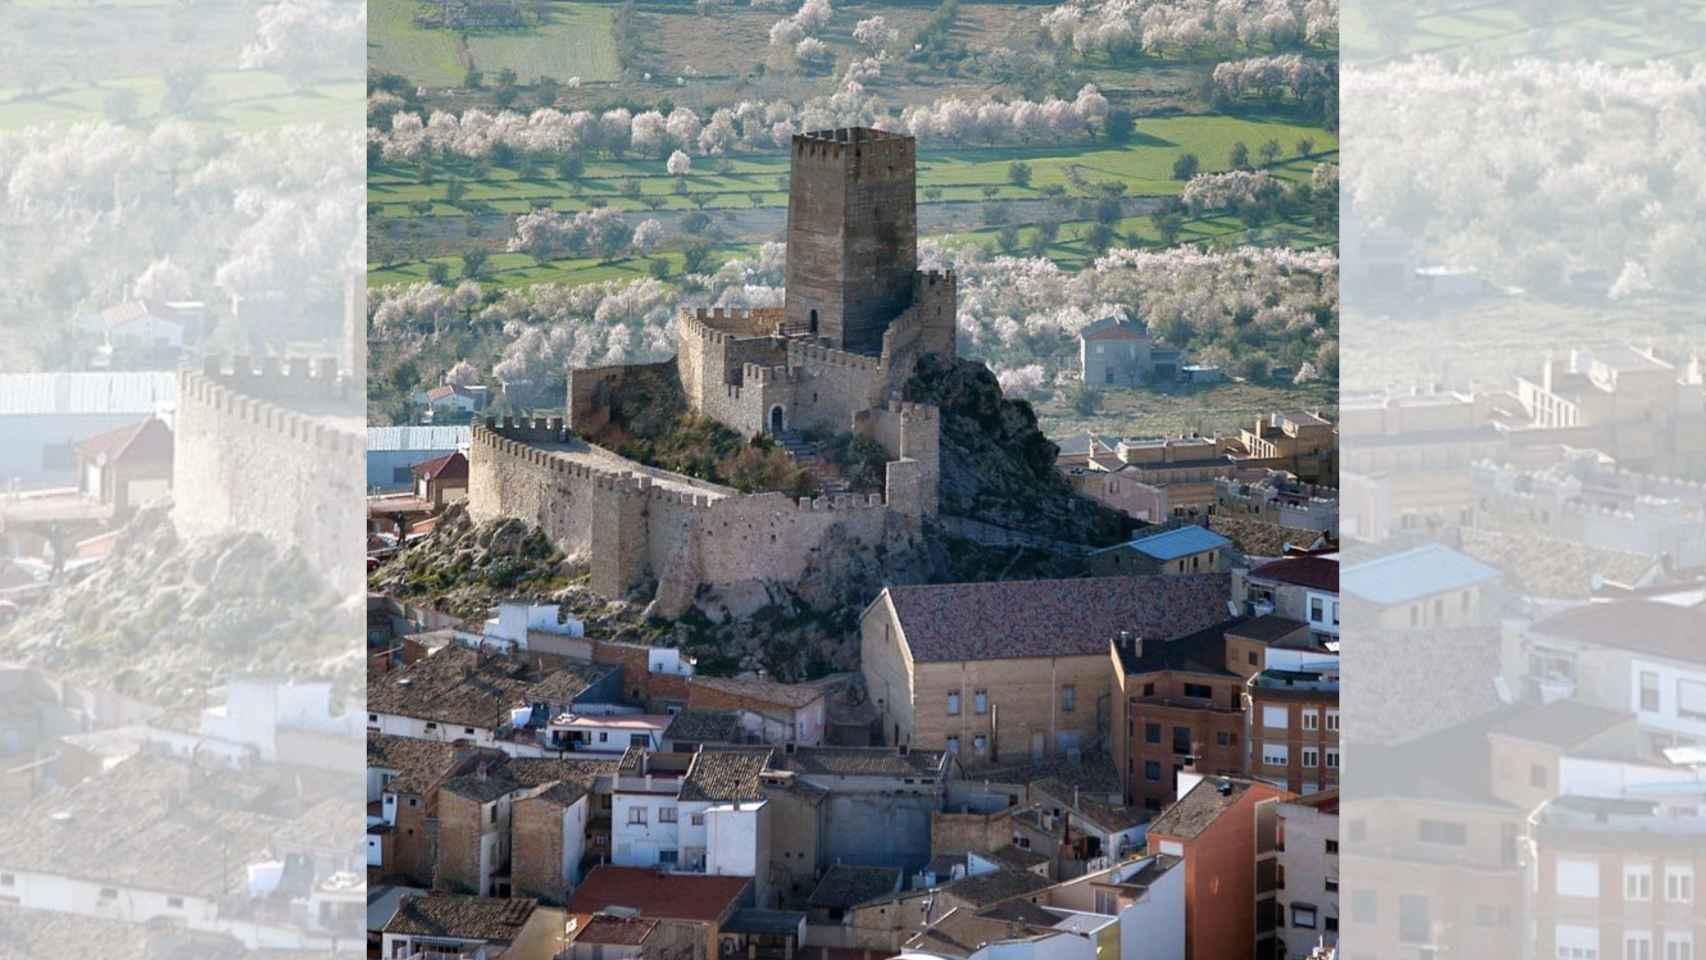 Vistas al castillo de Banyeres de Mariola, Alicante.